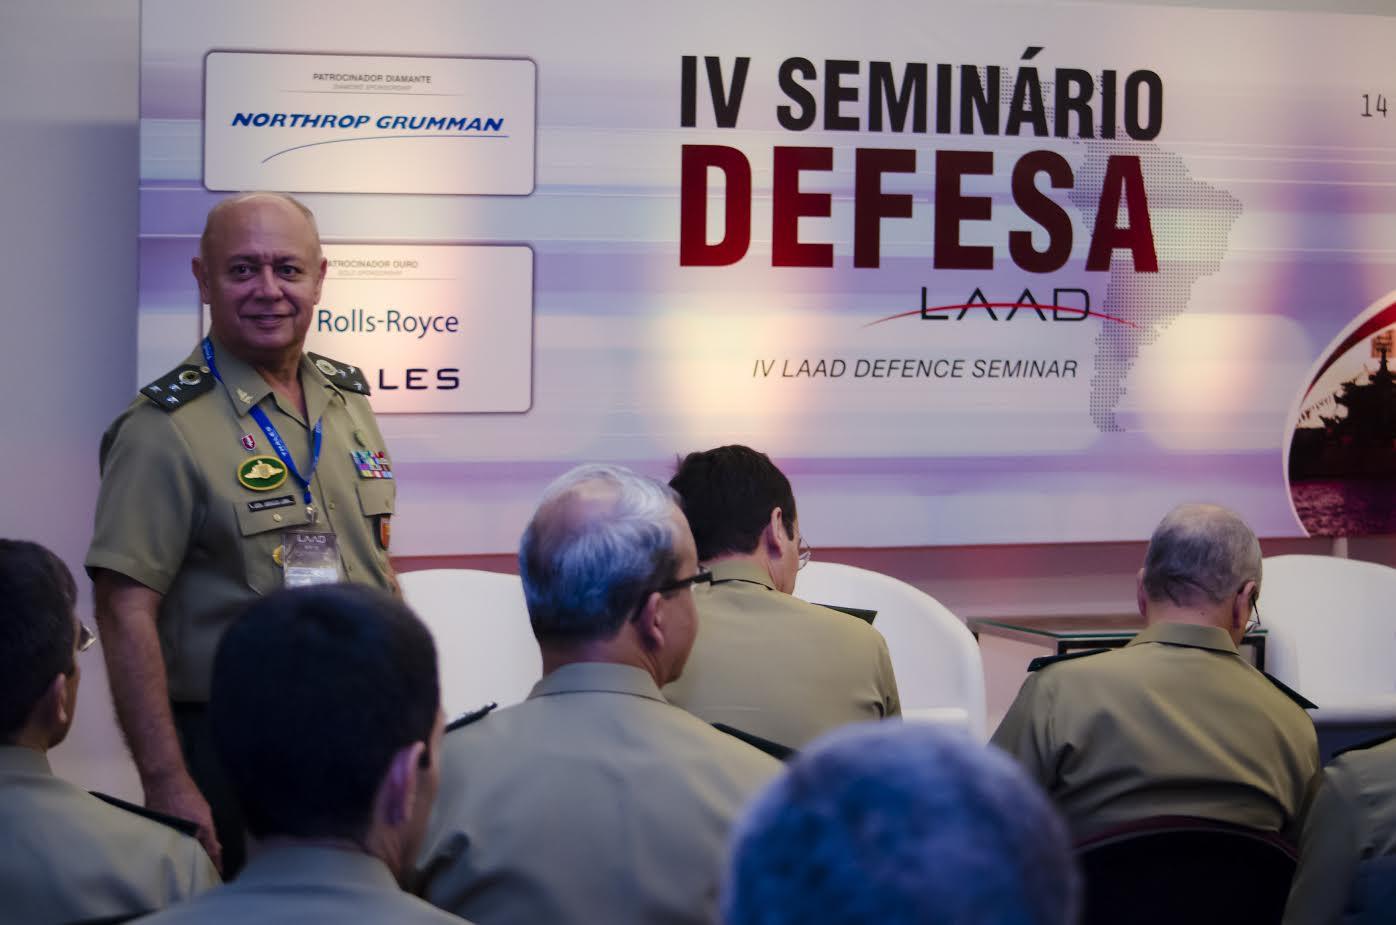 Encontro internacional sobre defesa e segurança reunirá especialistas, empresas e autoridades no Rio de Janeiro